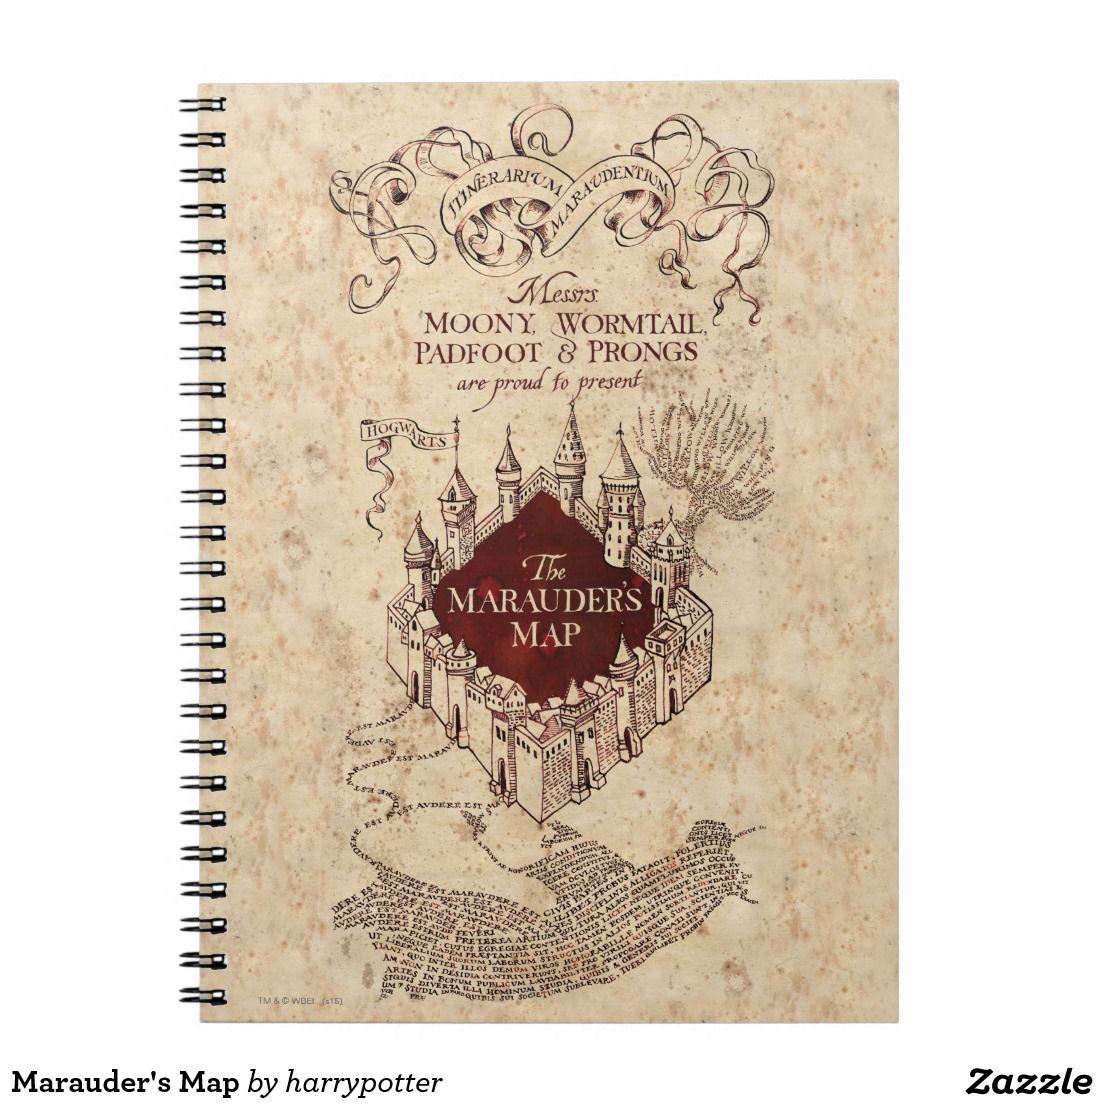 Harry Potter Spell Marauder's Map Notebook